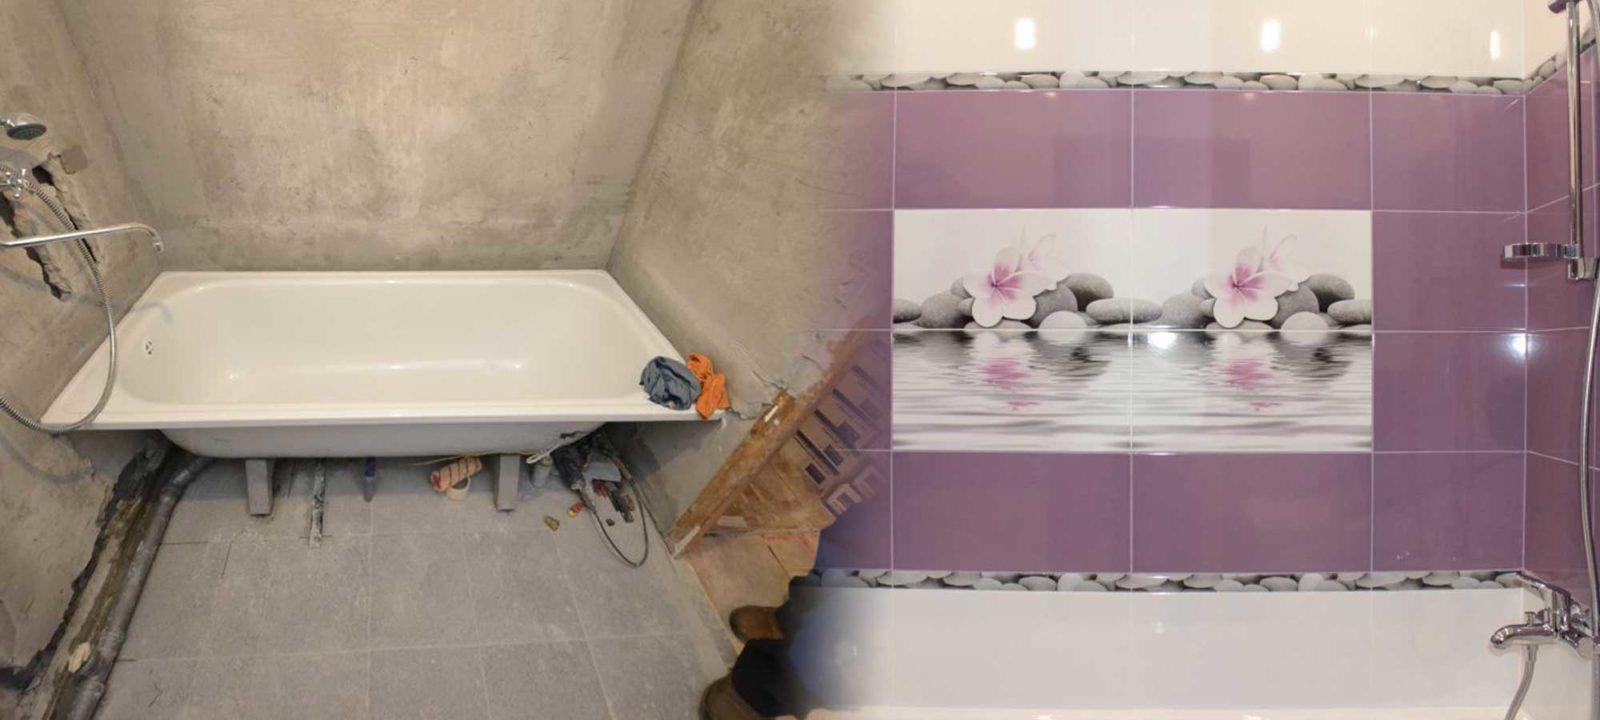 Недорогой ремонт квартир в Краснодаре: отделка ванной комнаты под ключ